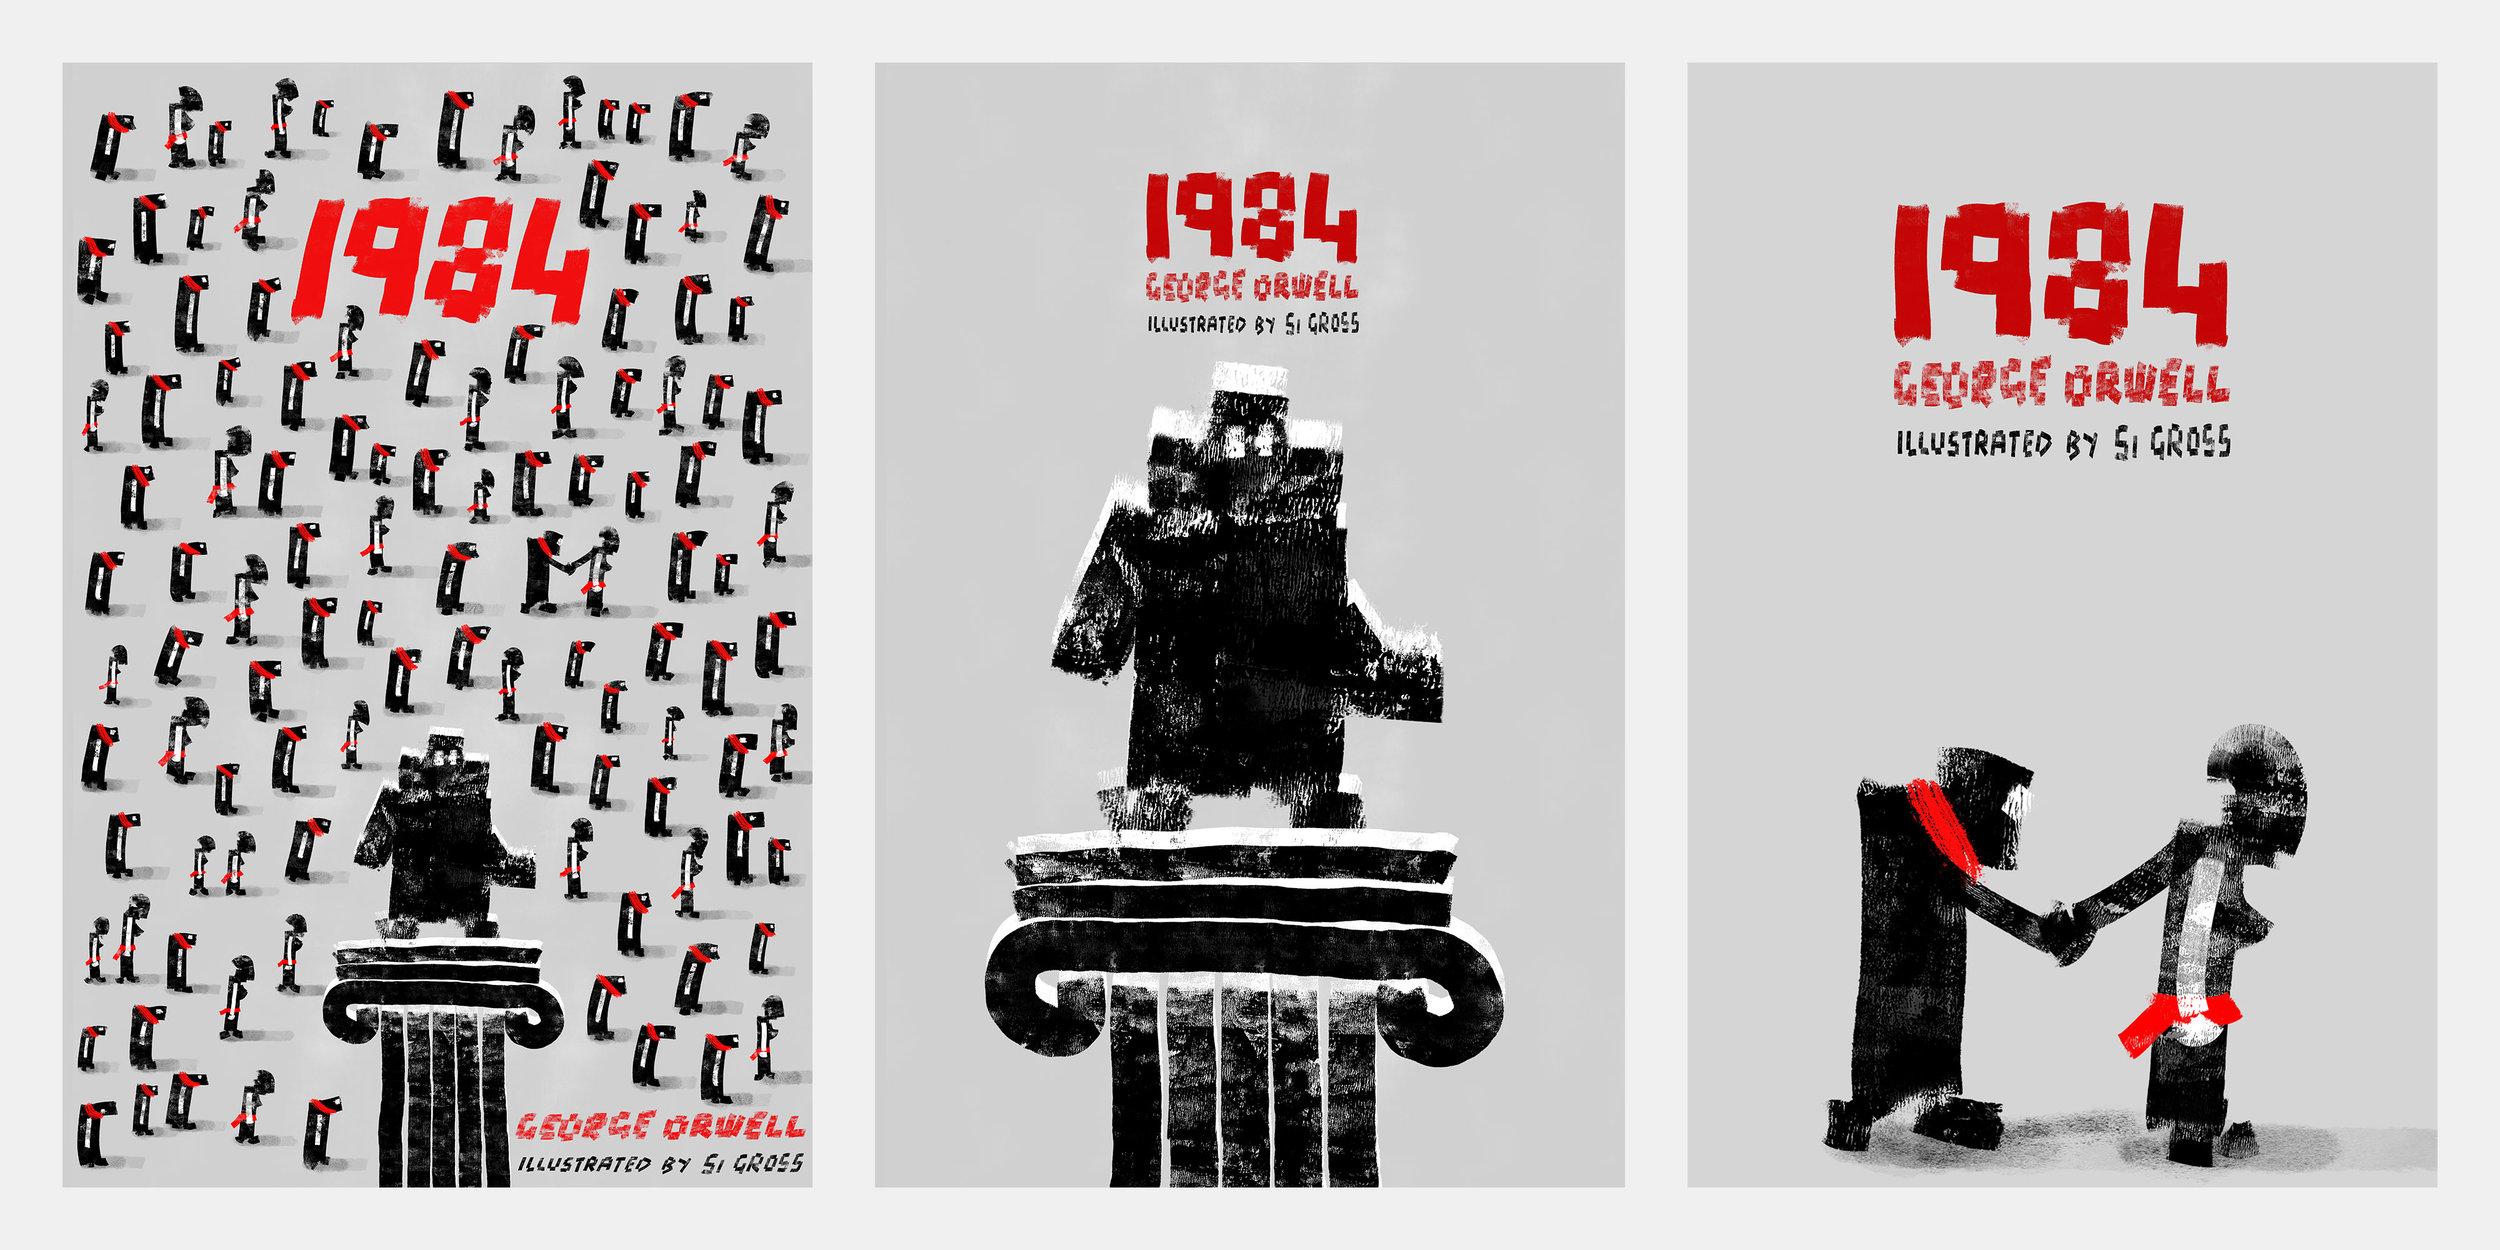 1984 Book cover designs